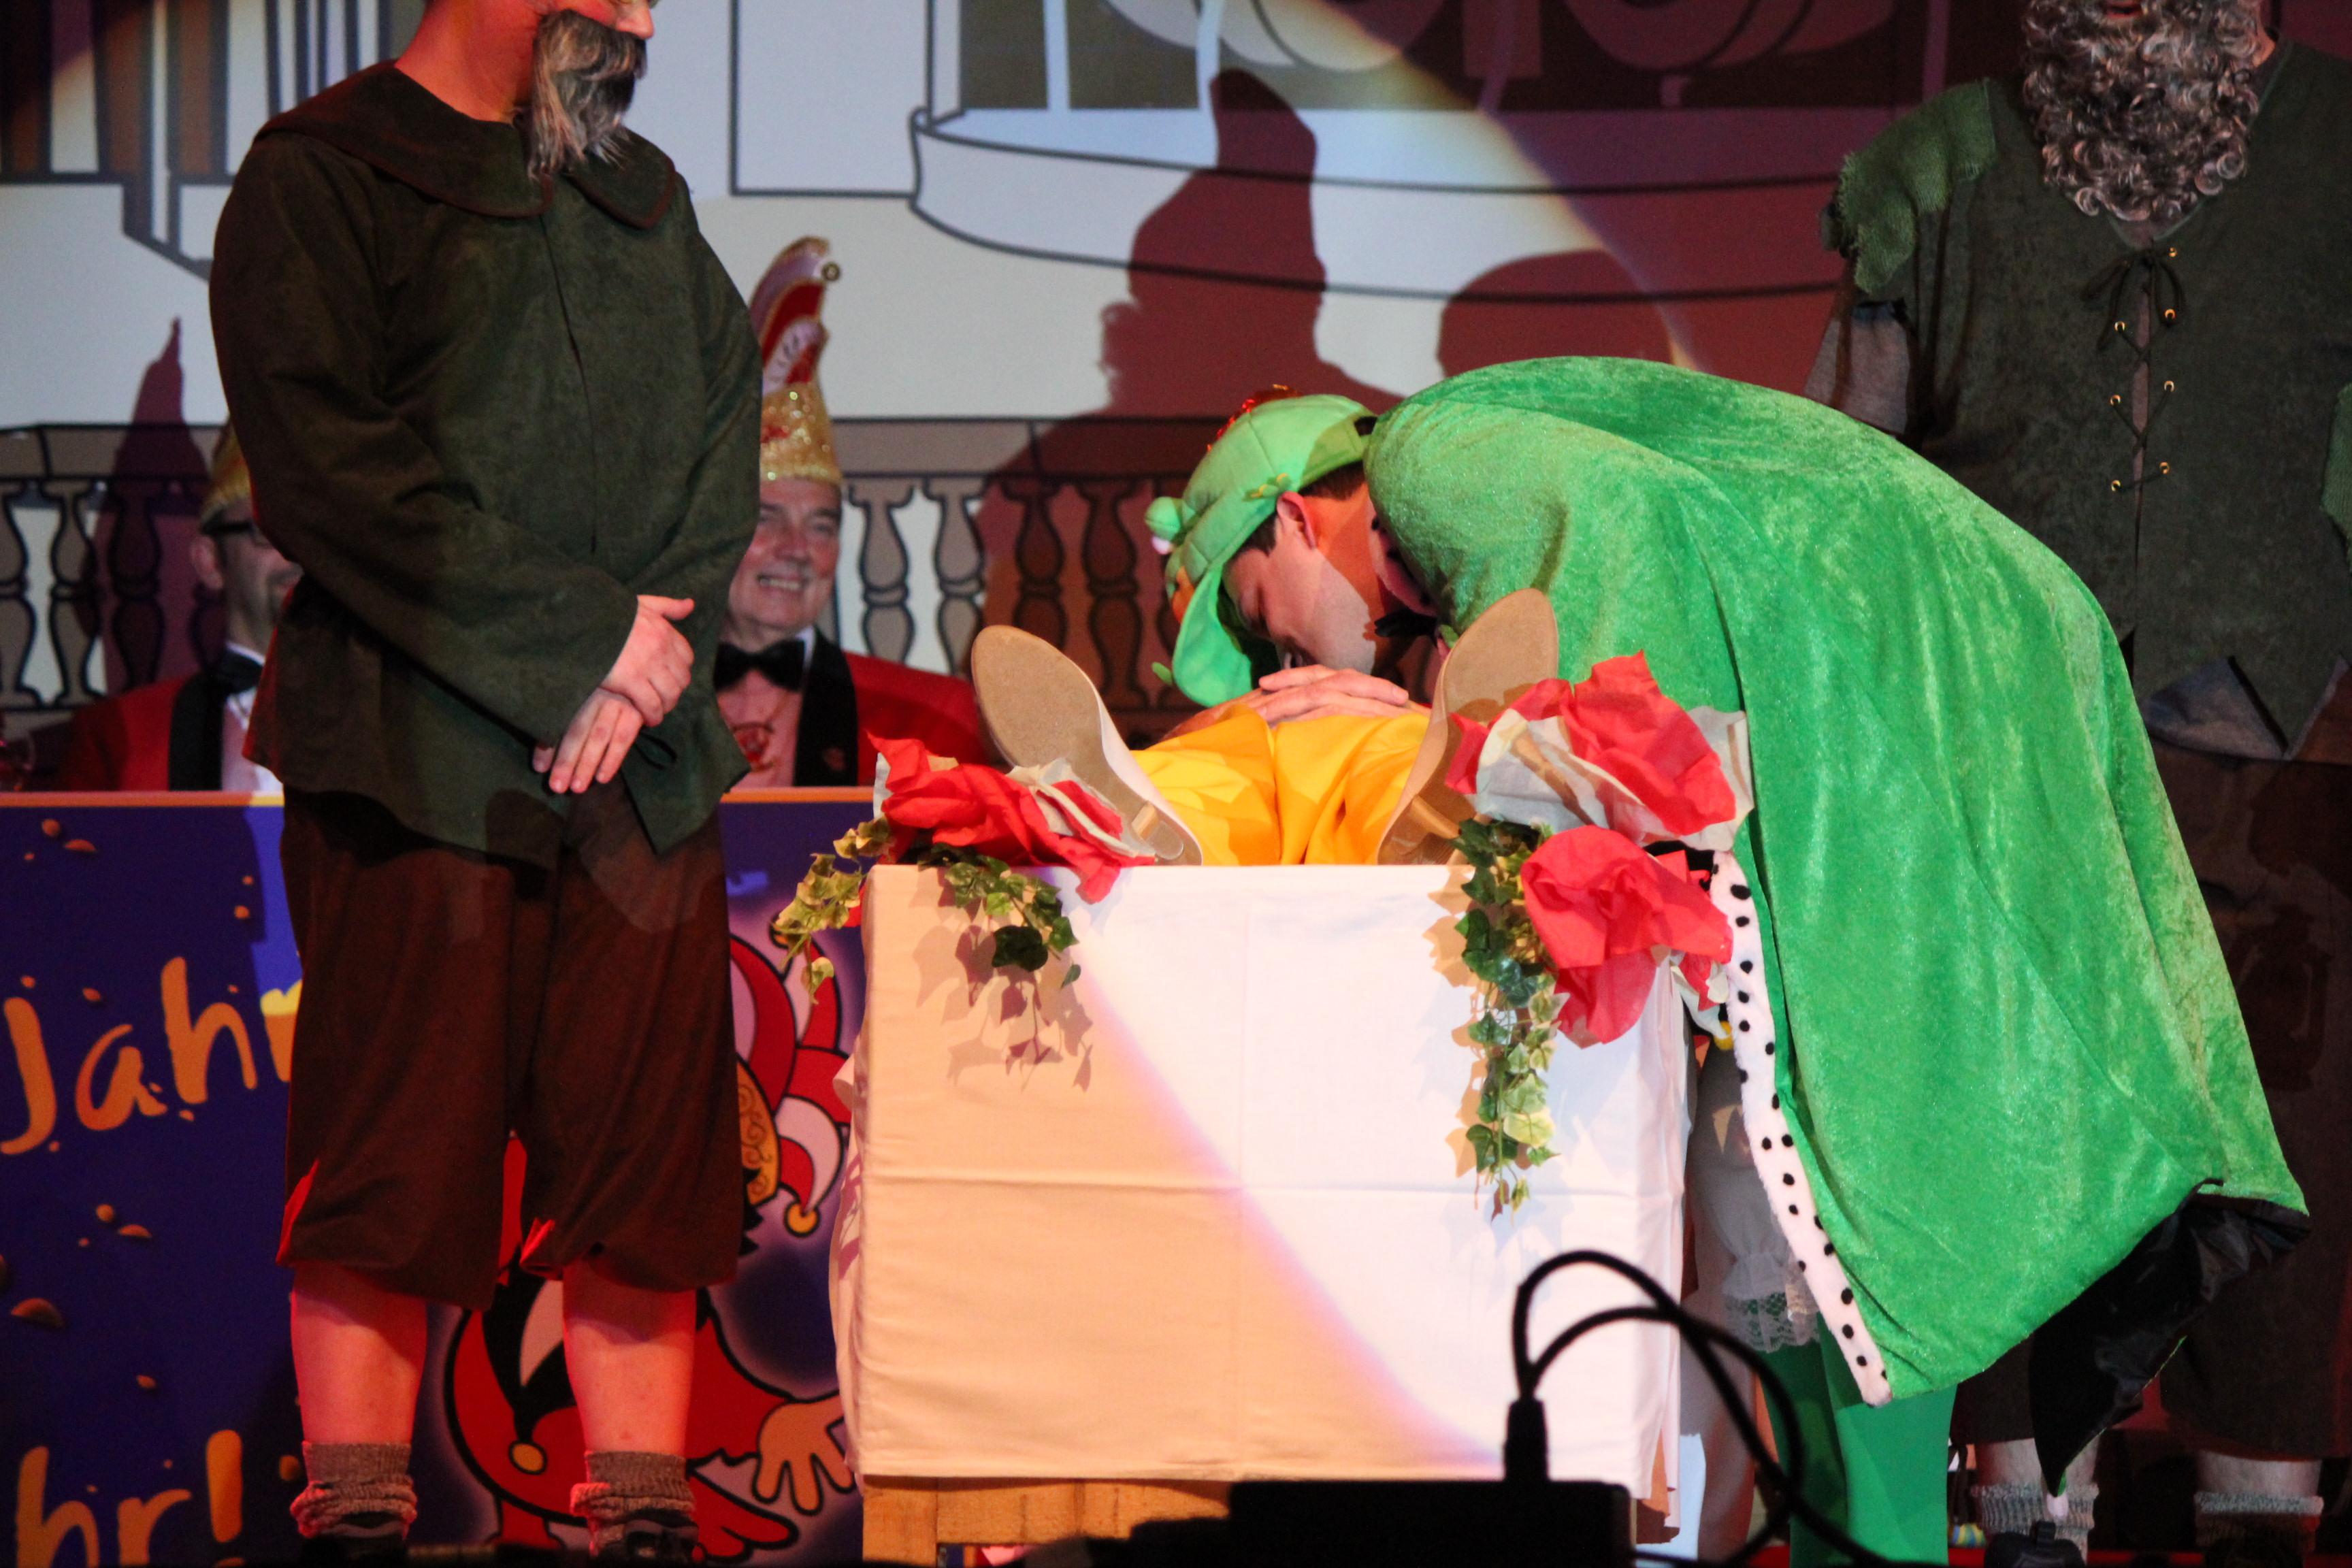 Bürgermeister Greiber küsst als Froschkönig Schneewitte (Gerd Corea) aus dem Schlaf wach